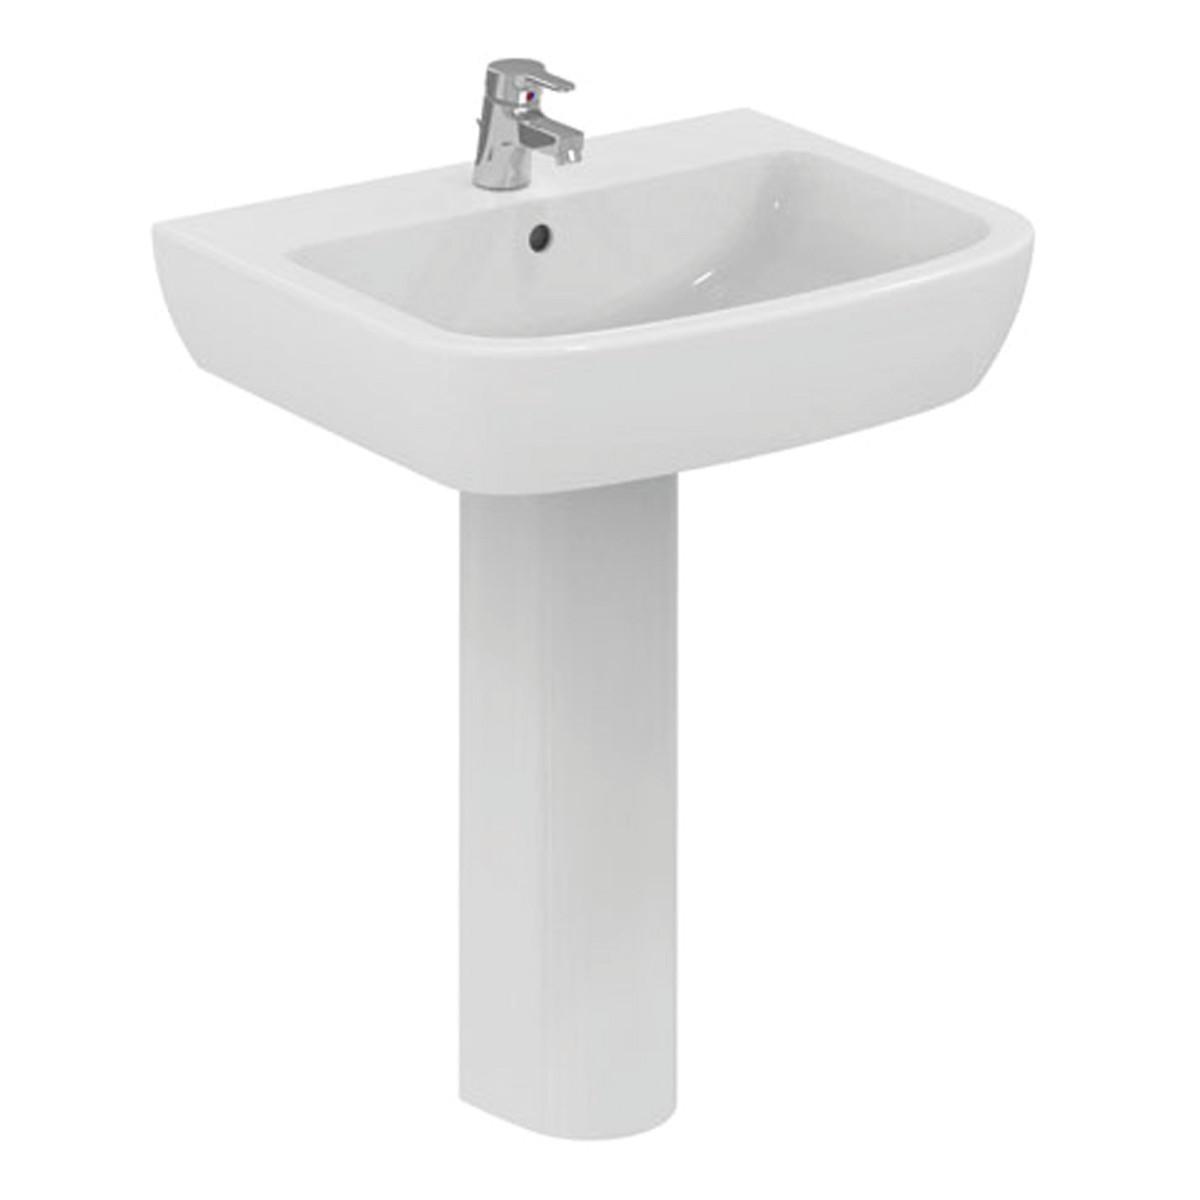 lavabi bagno: prezzi e offerte lavabi sospesi, a terra, colonne - Lavabo Bagno Da Incasso Dolomite